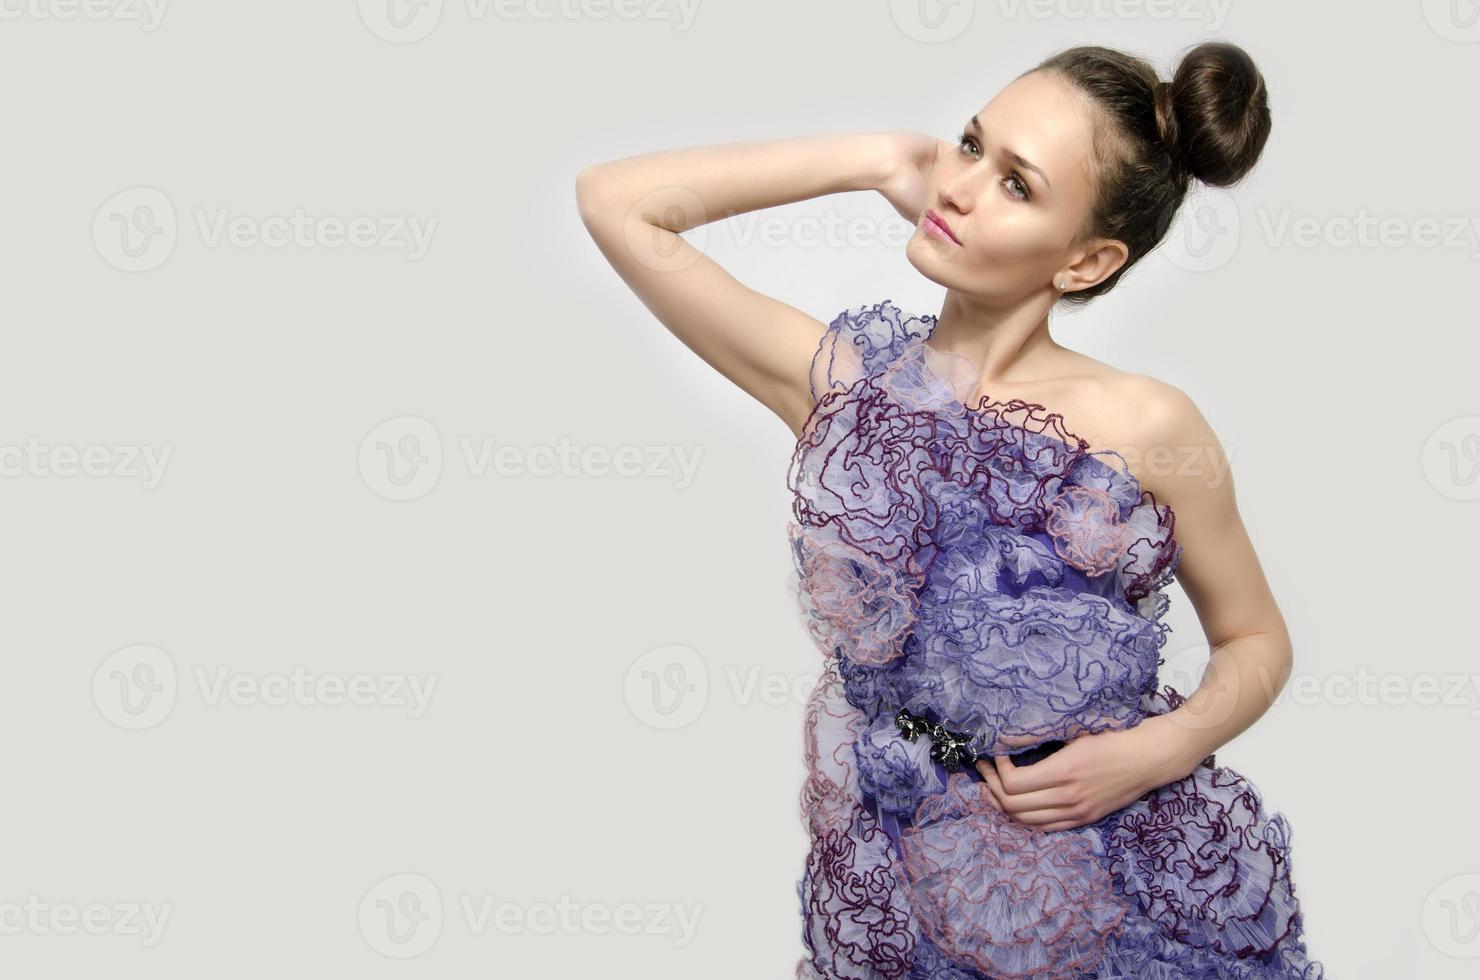 hermosa mujer con un vestido morado con flores de encaje. foto